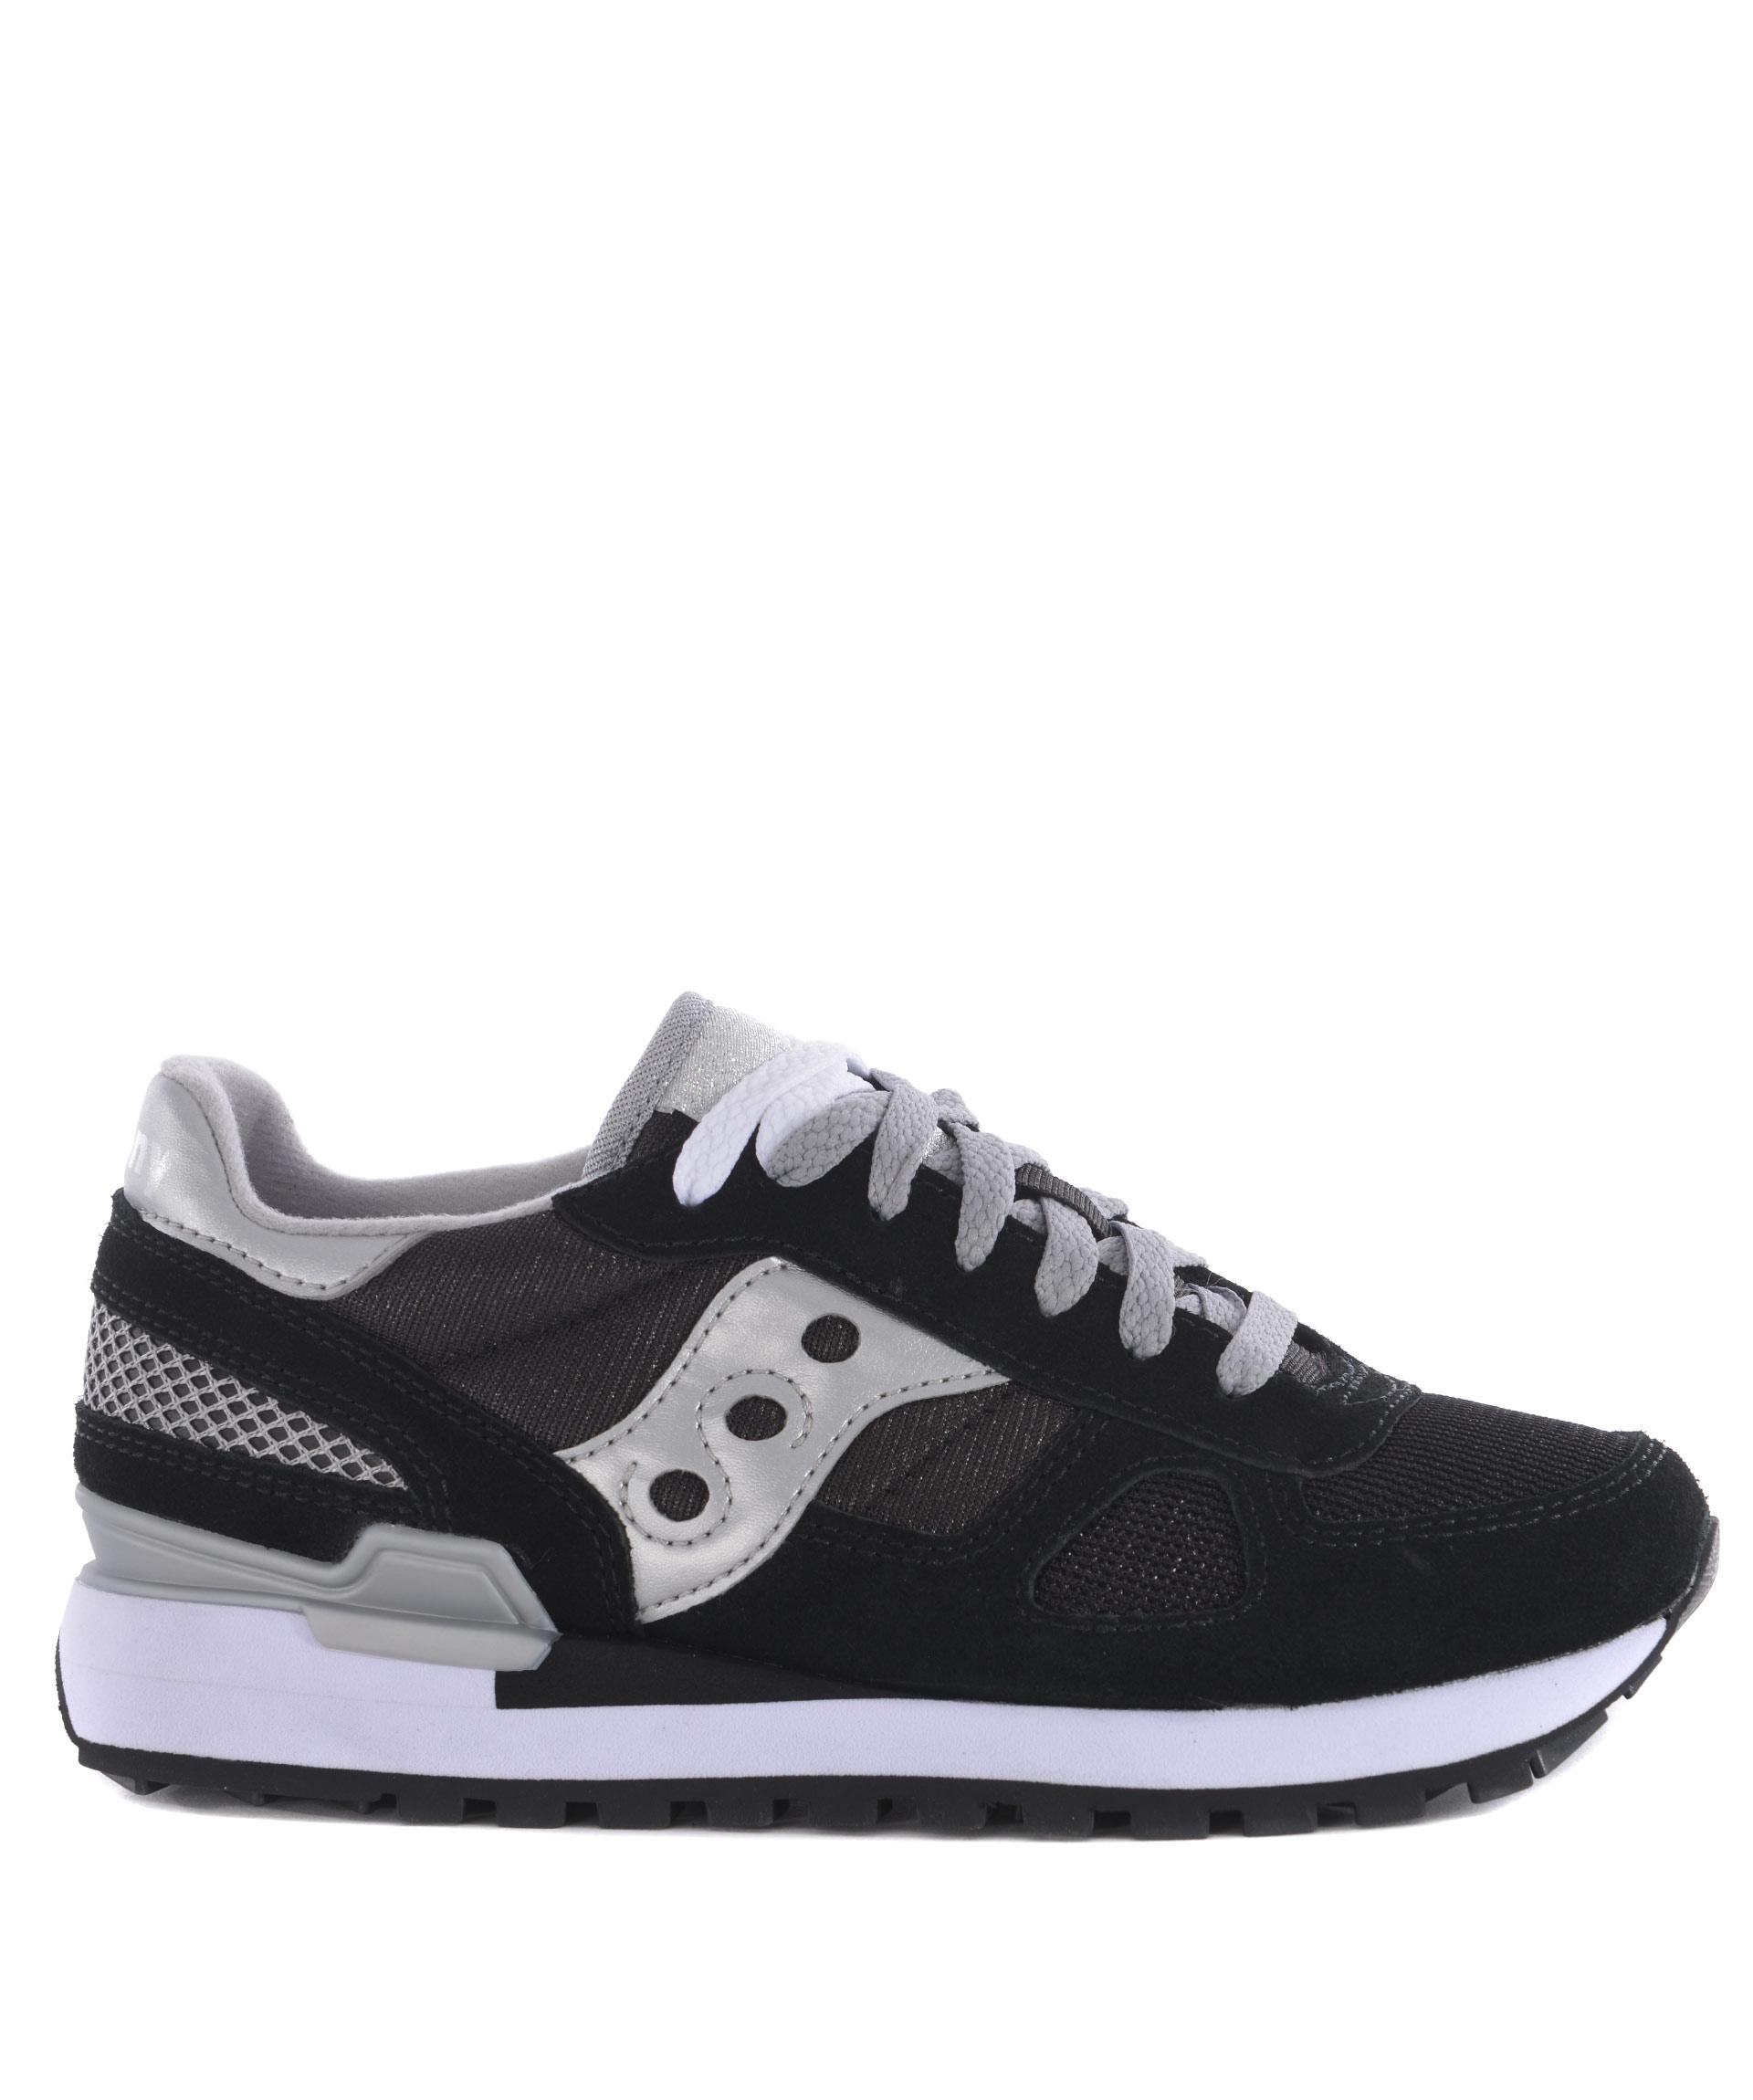 Sneakers Shadow Tufanomoda Donna Original Saucony trdQshC